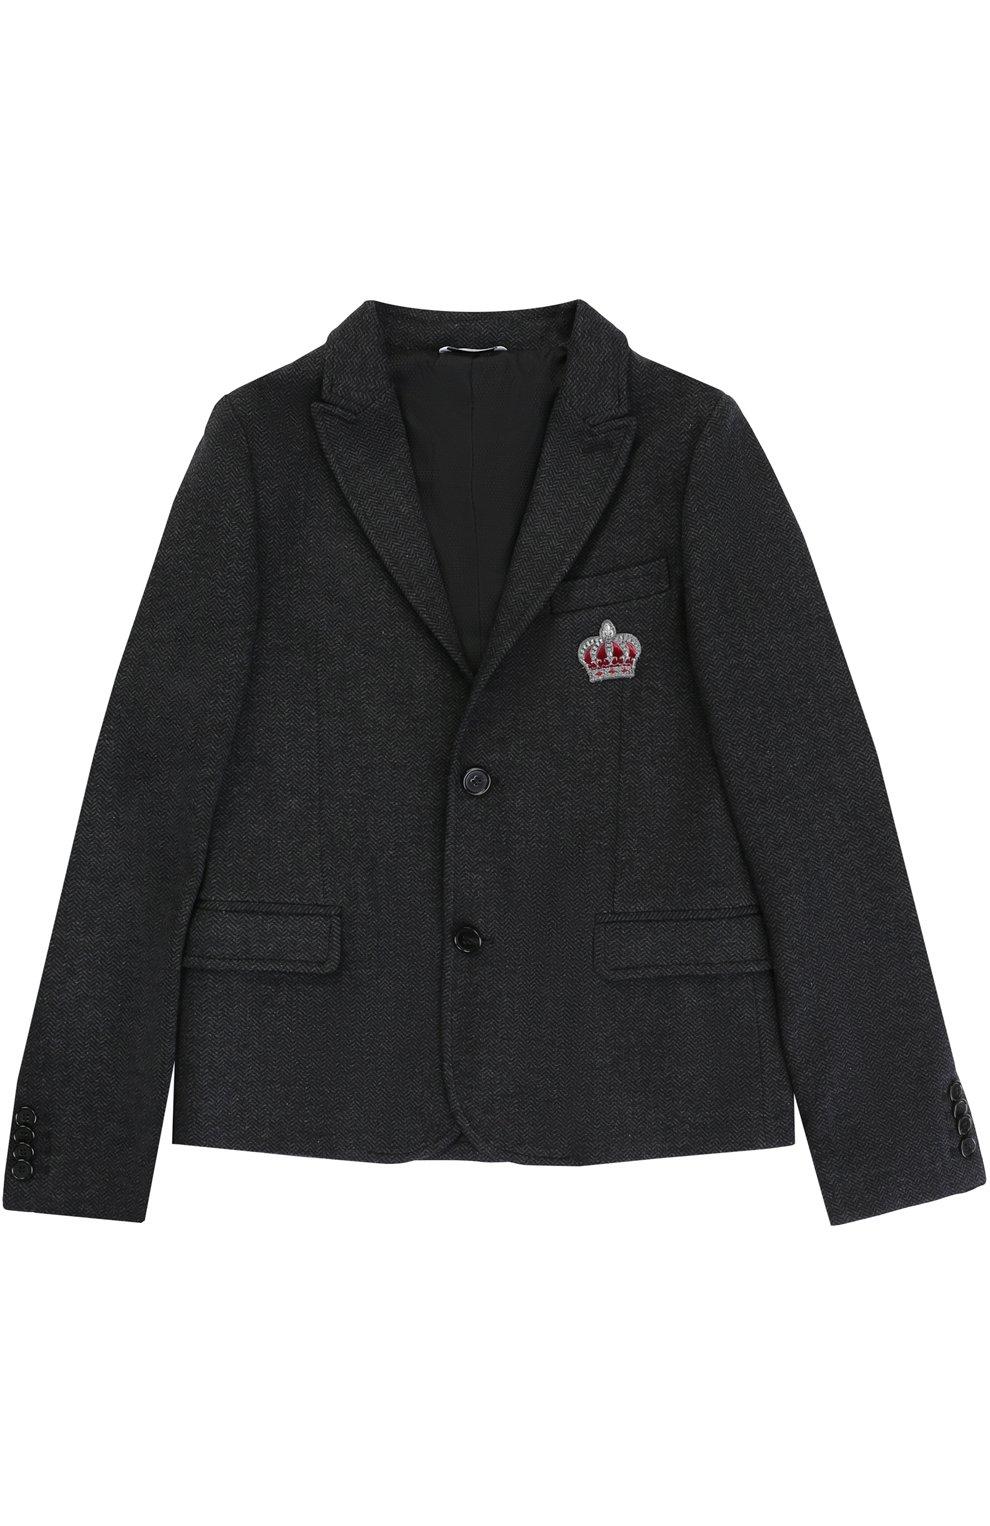 Хлопковый пиджак на двух пуговицах с нашивкой | Фото №1